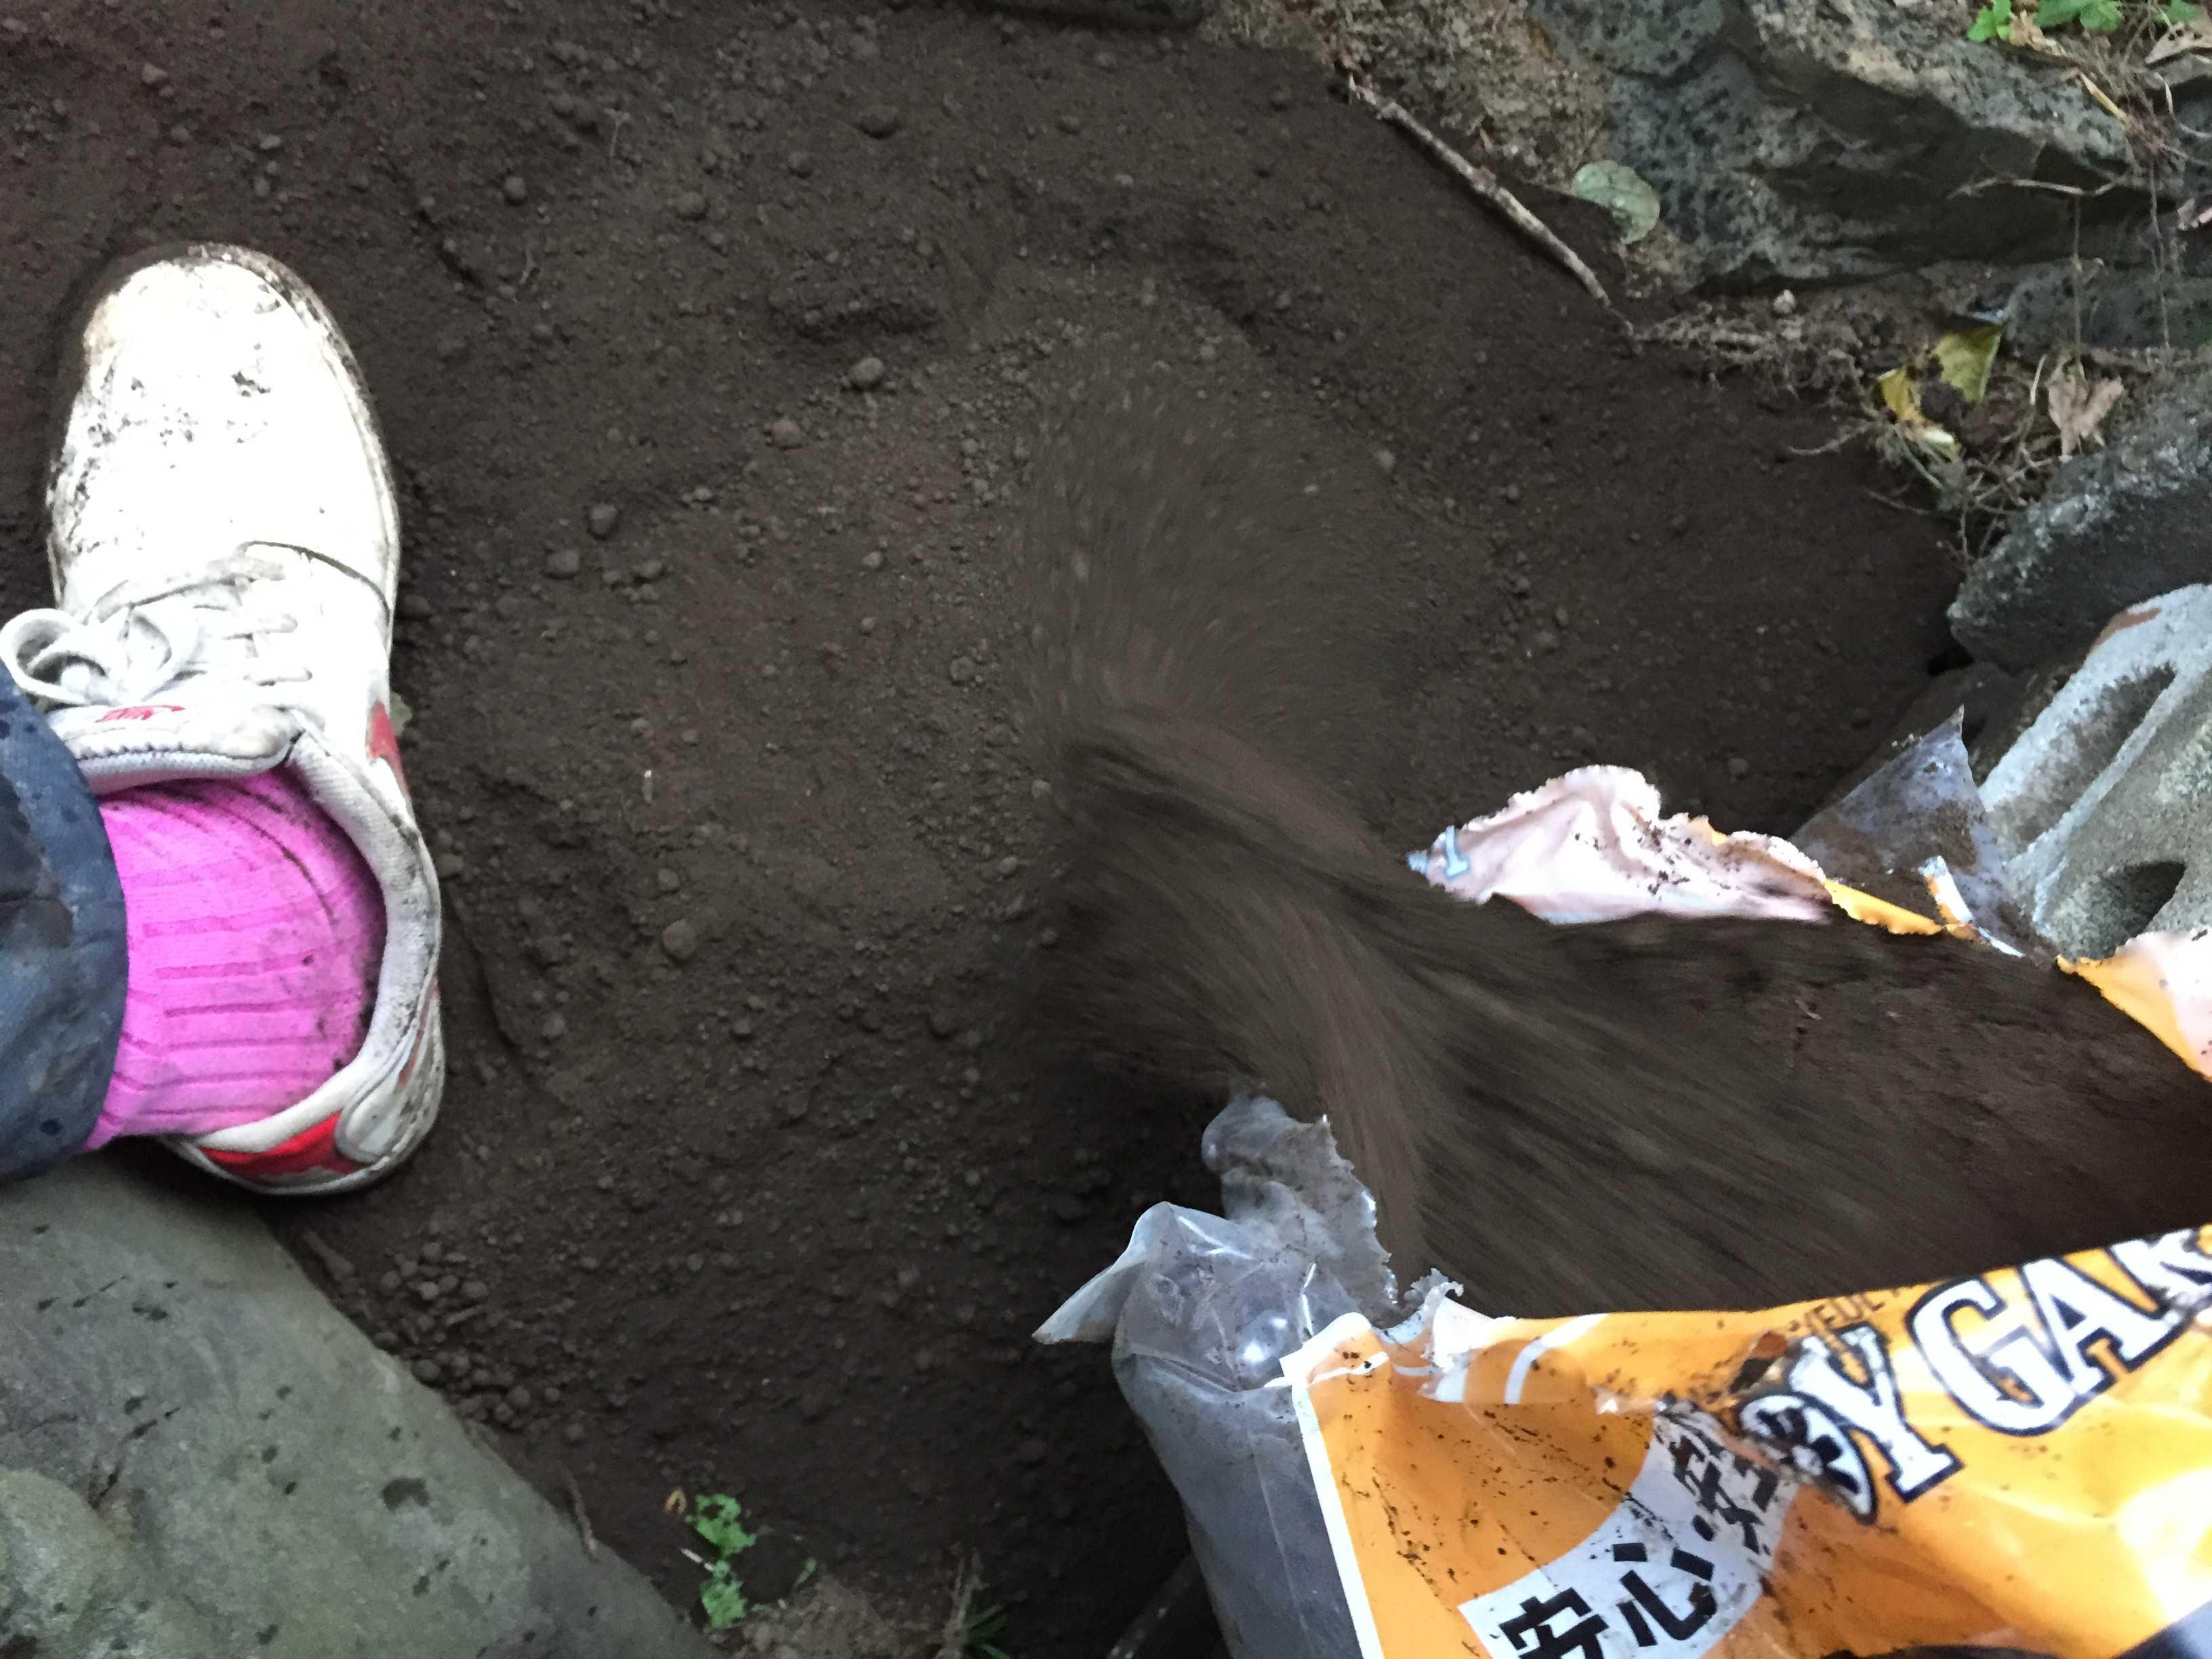 ヤマユリの鱗片定植 - 土壌づくり